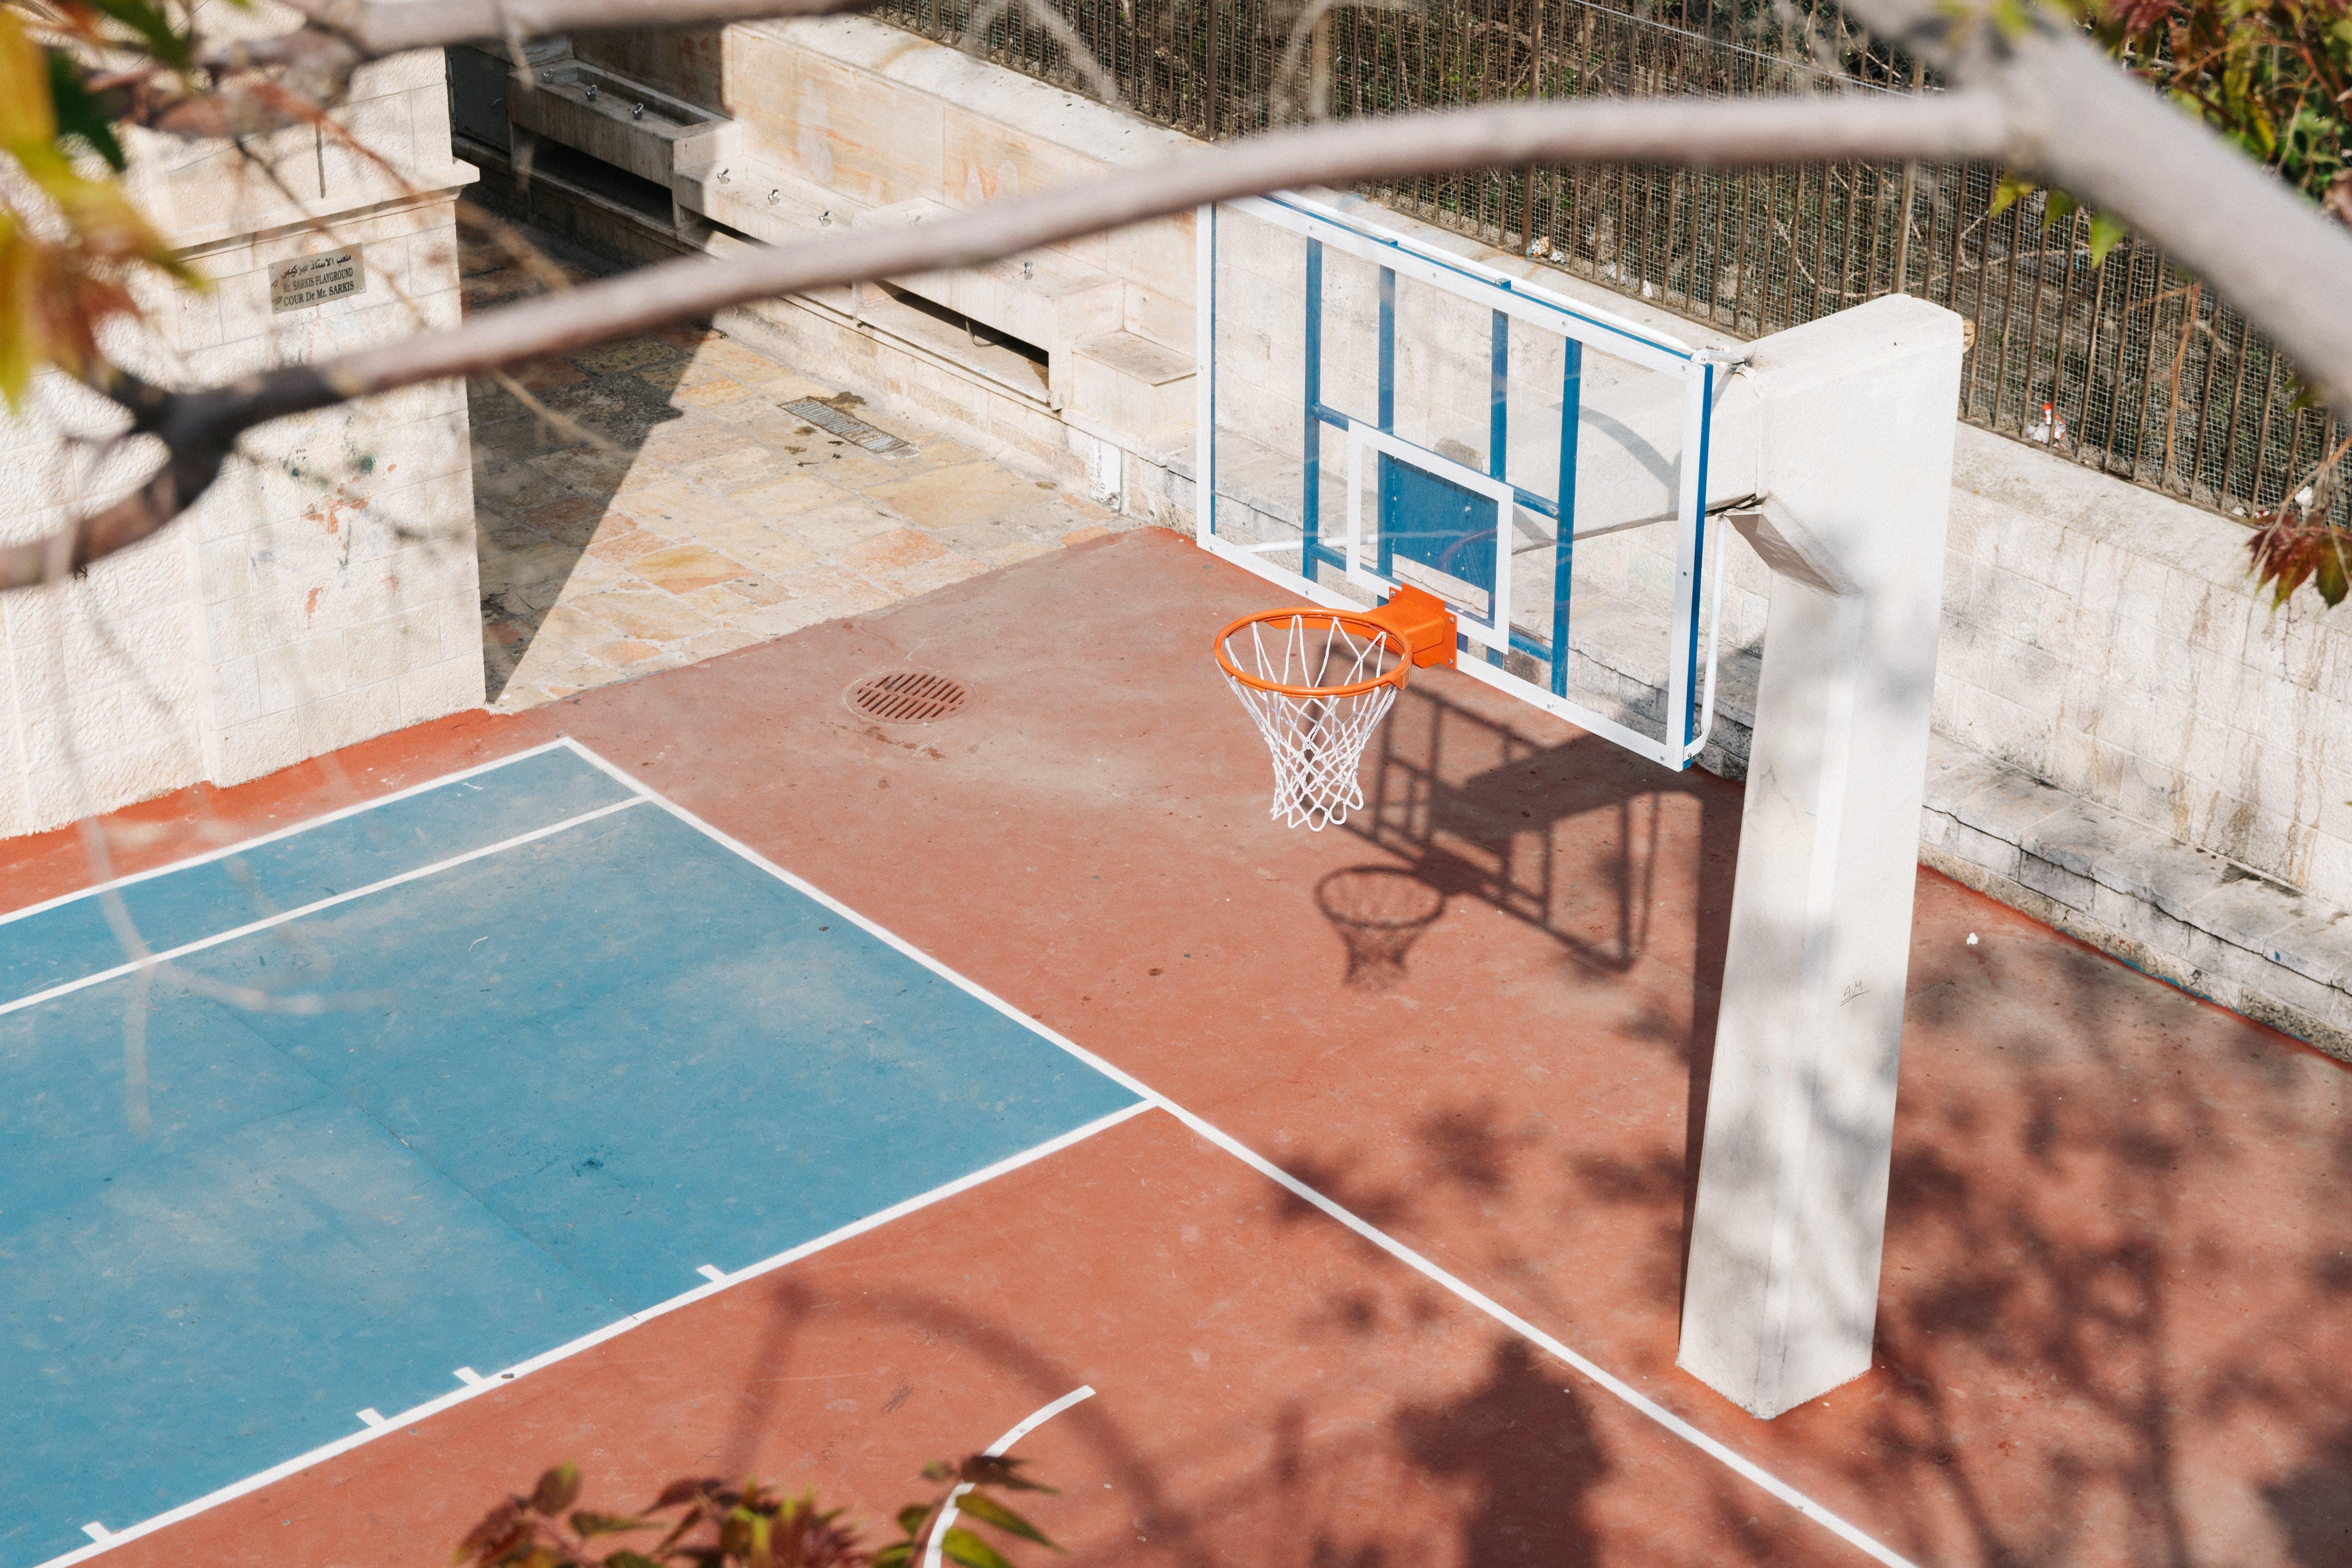 Безкоштовне стокове фото на тему «баскетбол, Баскетбольне кільце, баскетбольний майданчик, відділення»